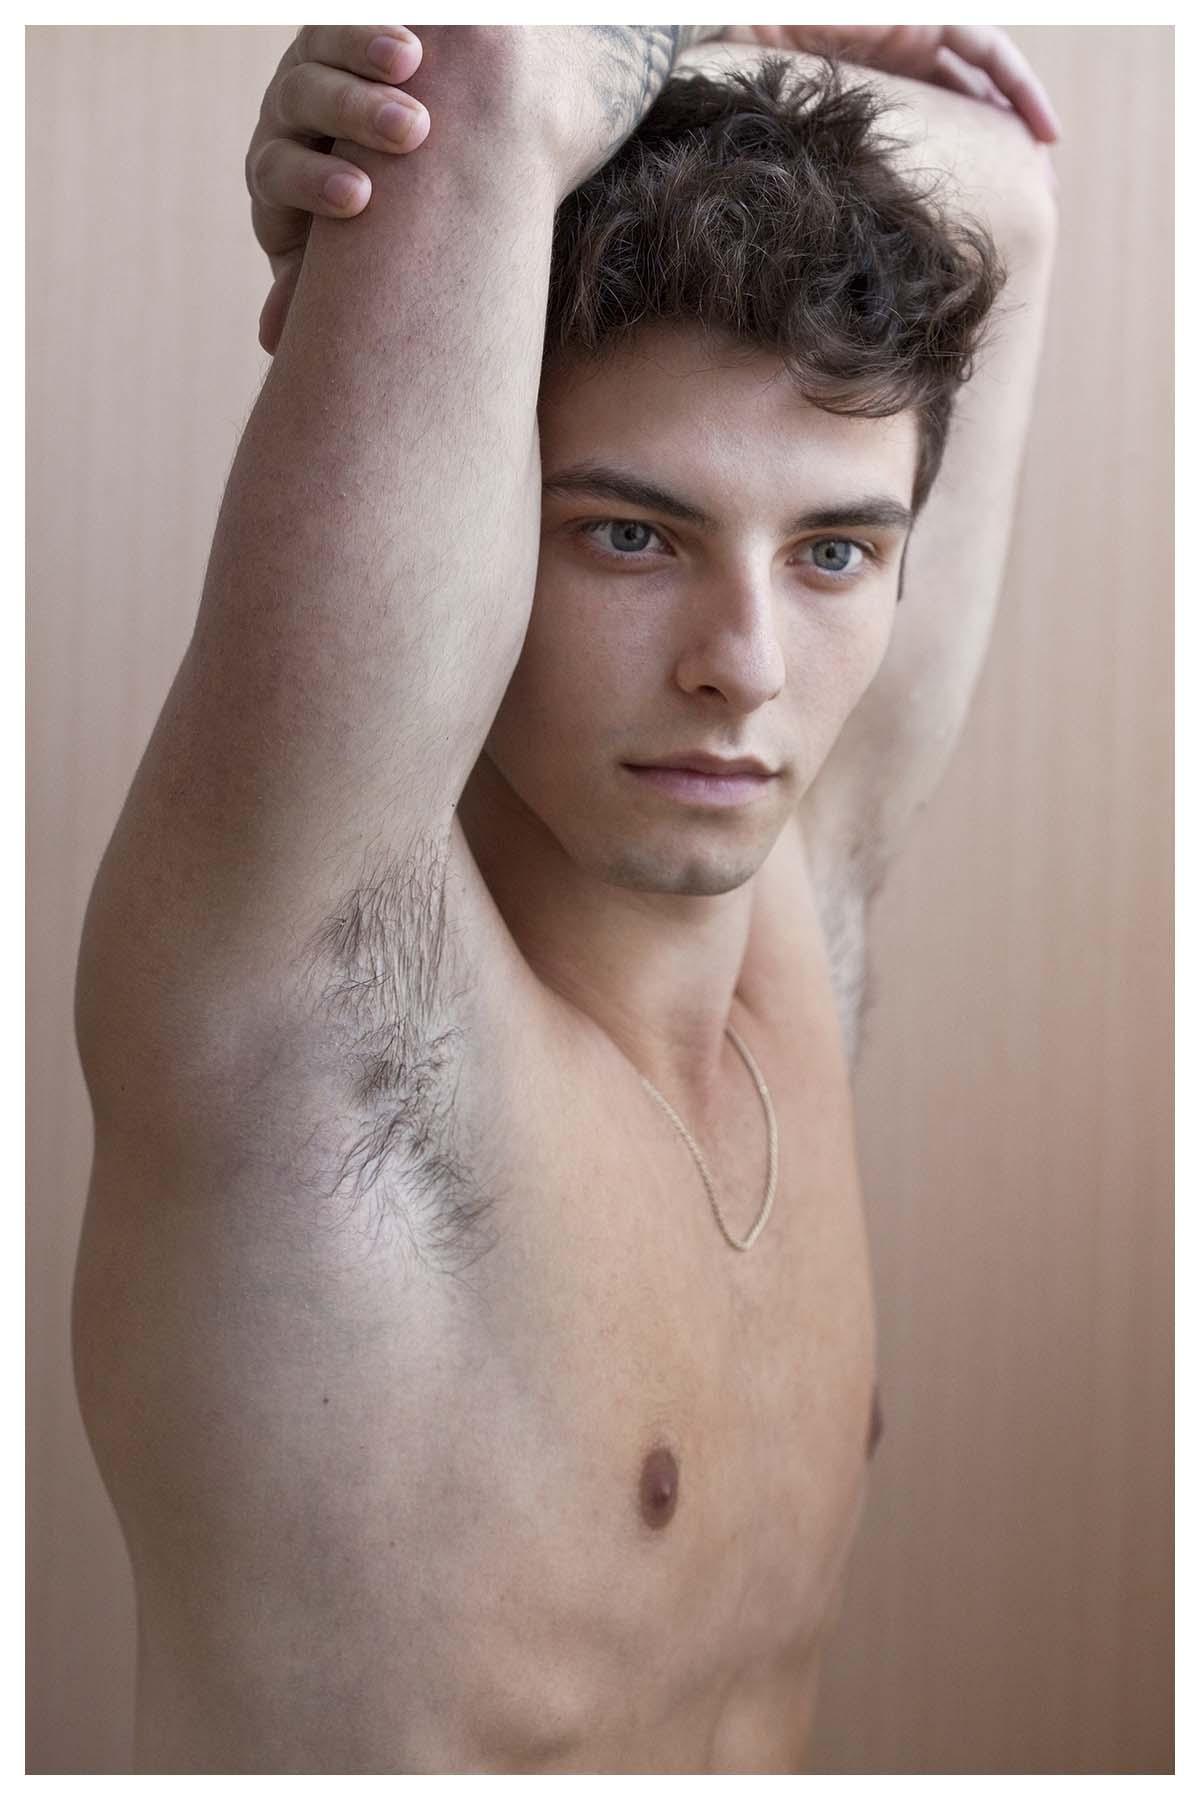 Yuri Matulevicius by Cristiano Madureira for Brazilian Male Model